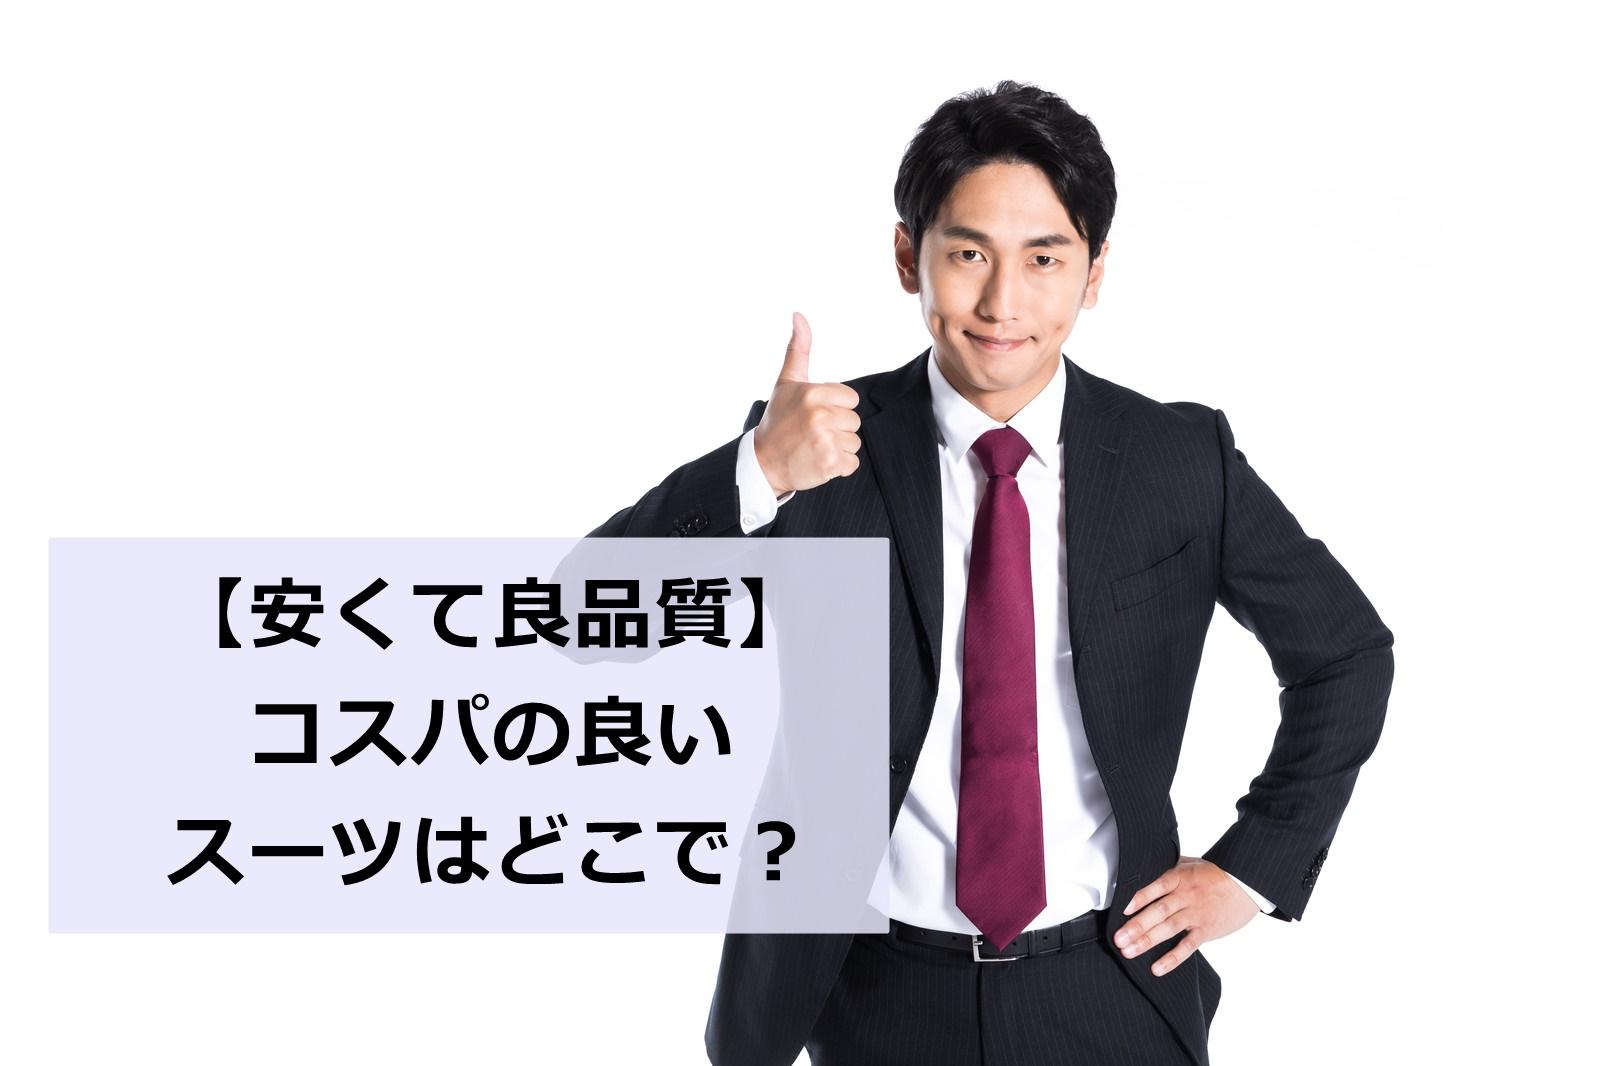 【スーツ】安くて良品質!コスパ最高のおすすめブランドはここだ!!